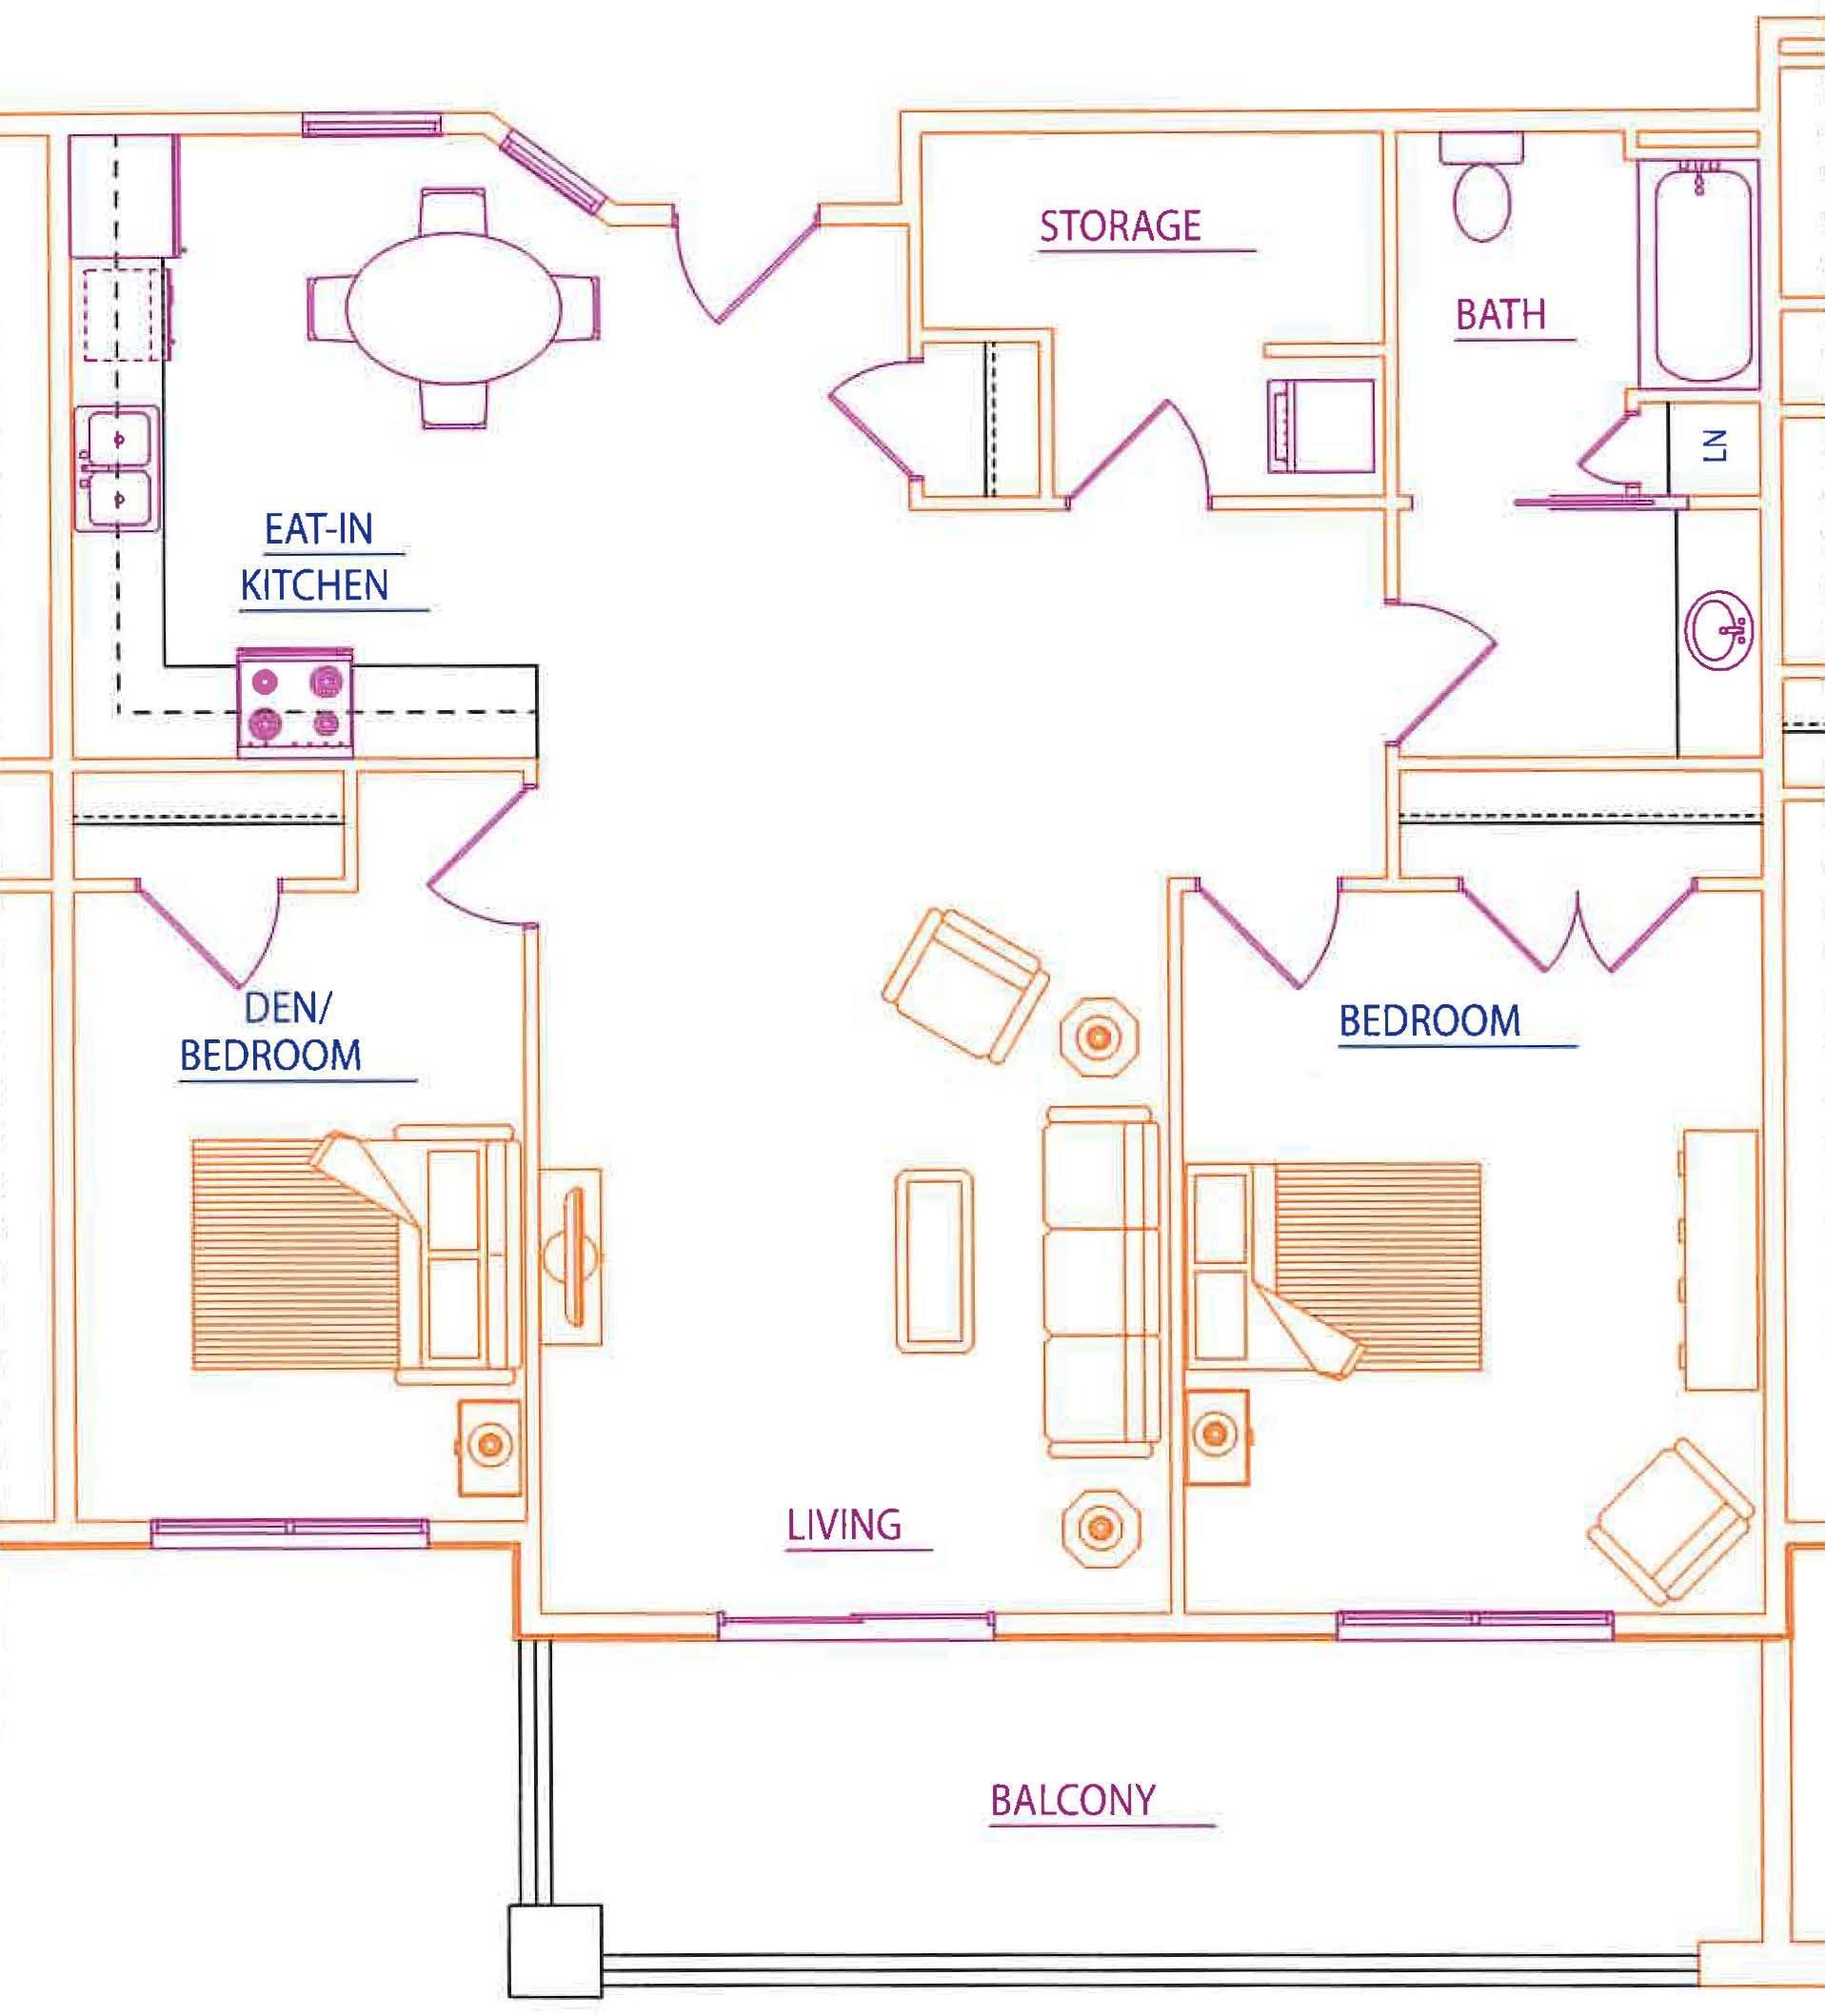 2 Bedroom, 1 Bathroom - $1,795